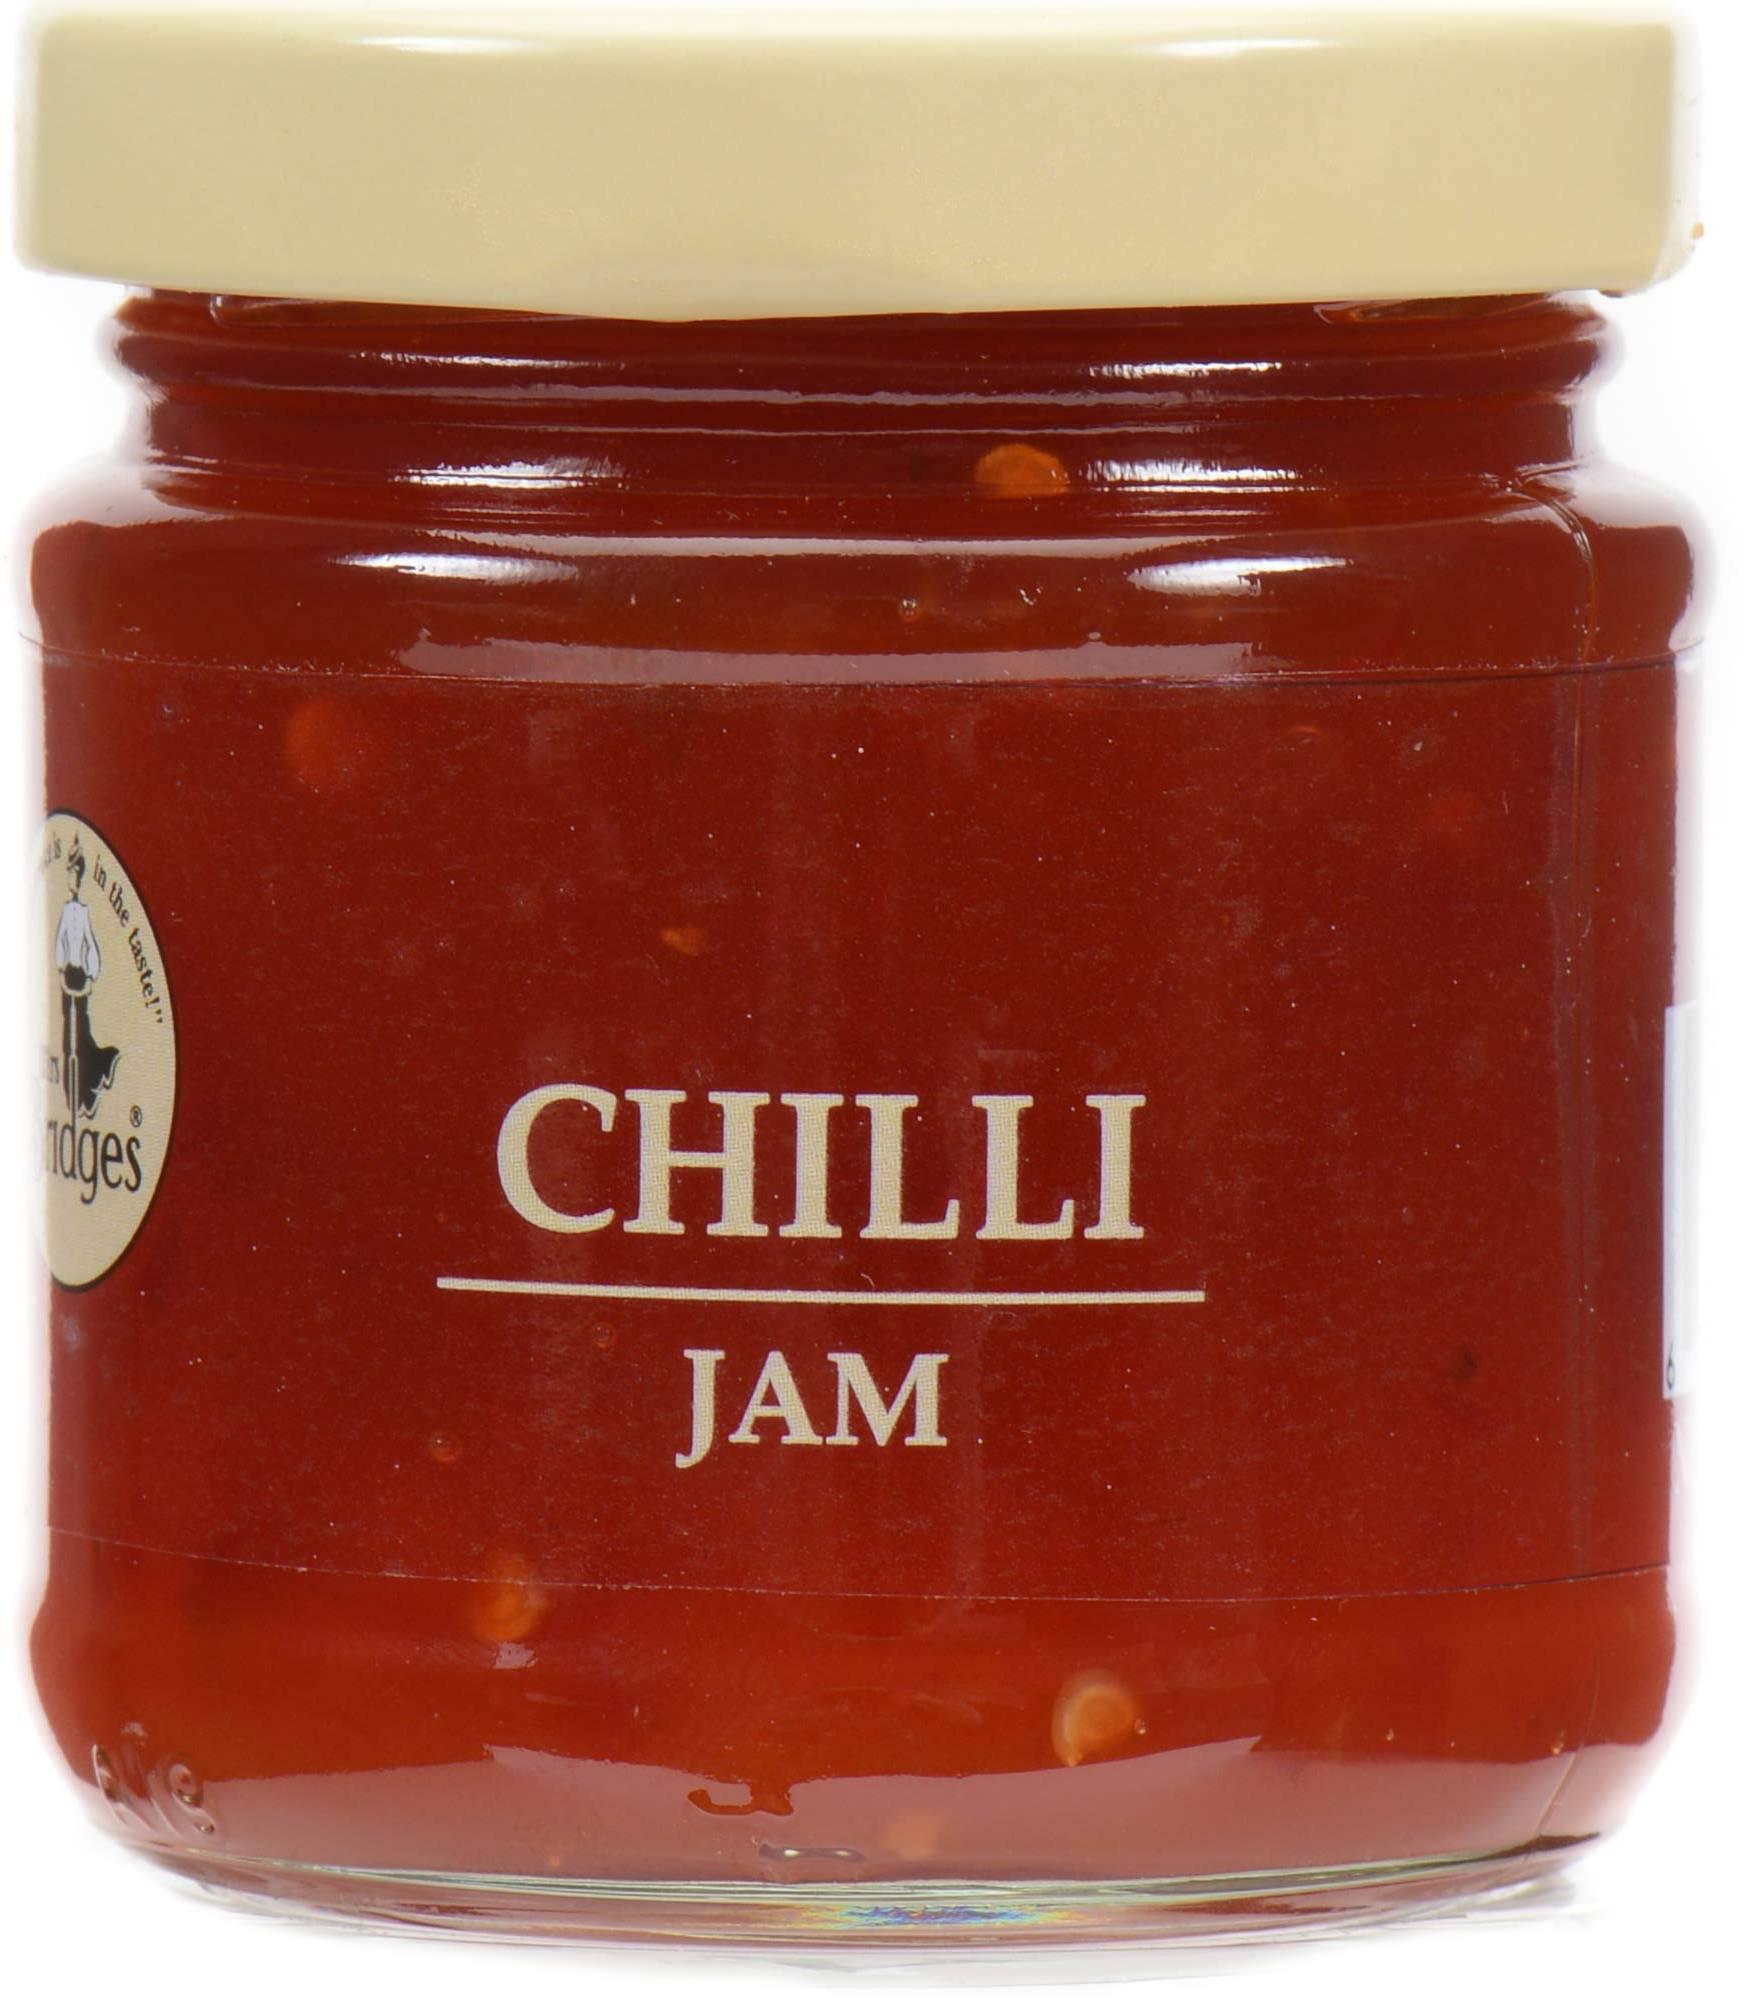 Chilli Jam 310g Oldrids Amp Downtown Oldrids Amp Co Ltd